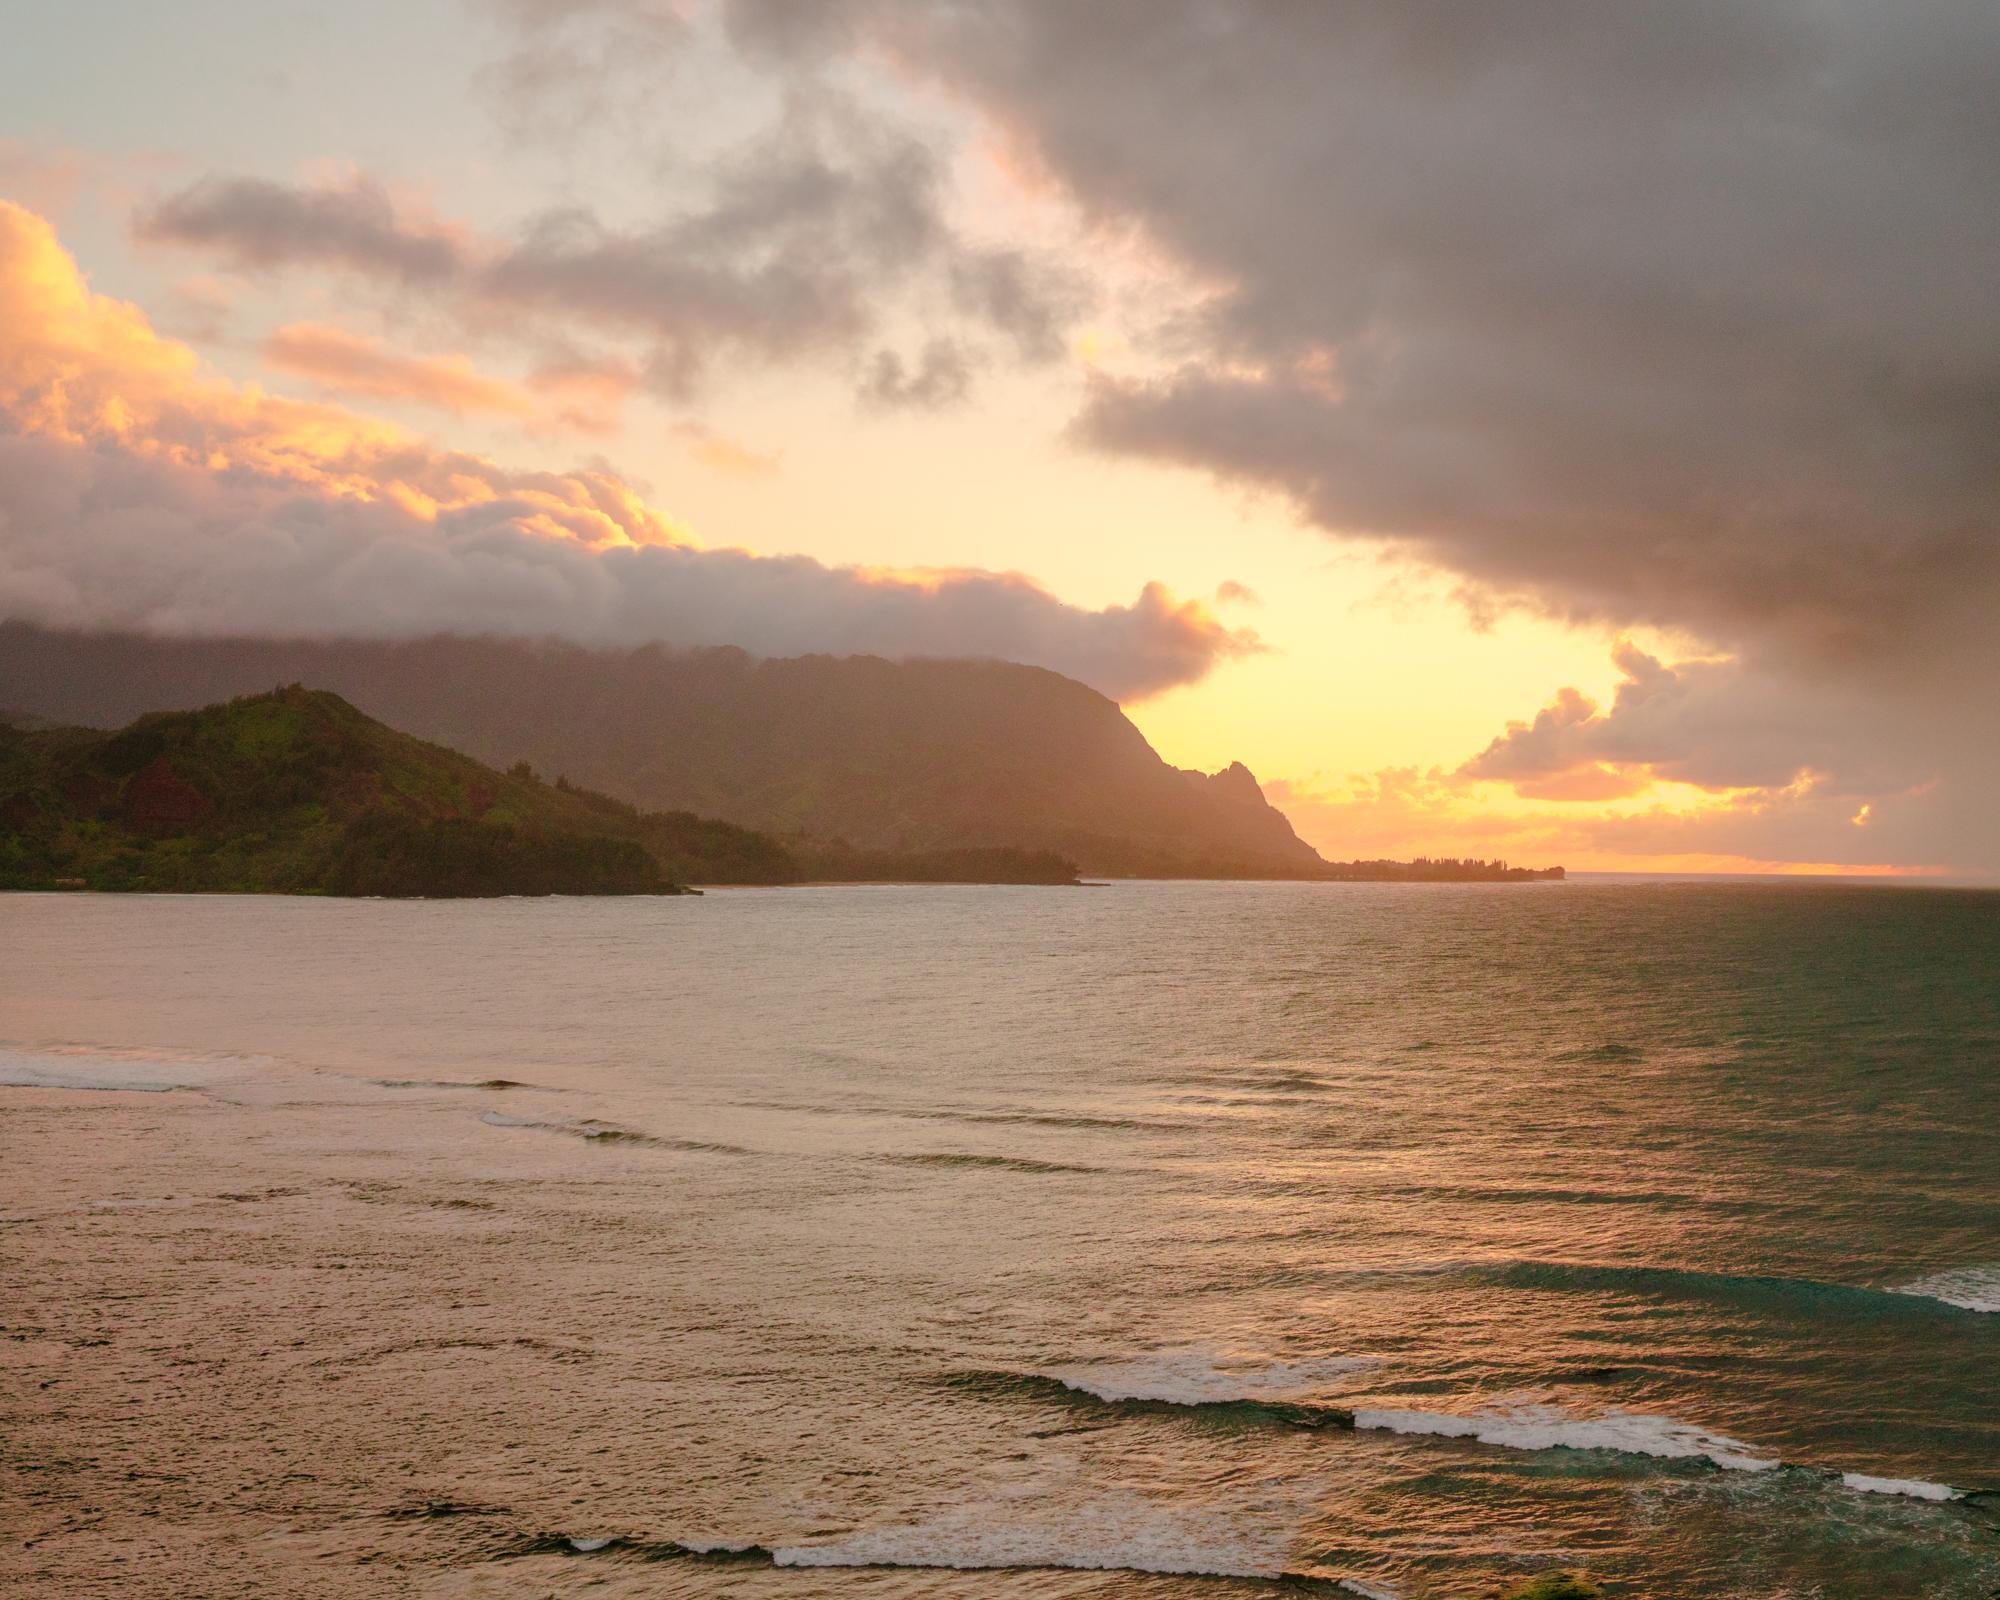 Best sunset view in Kauai